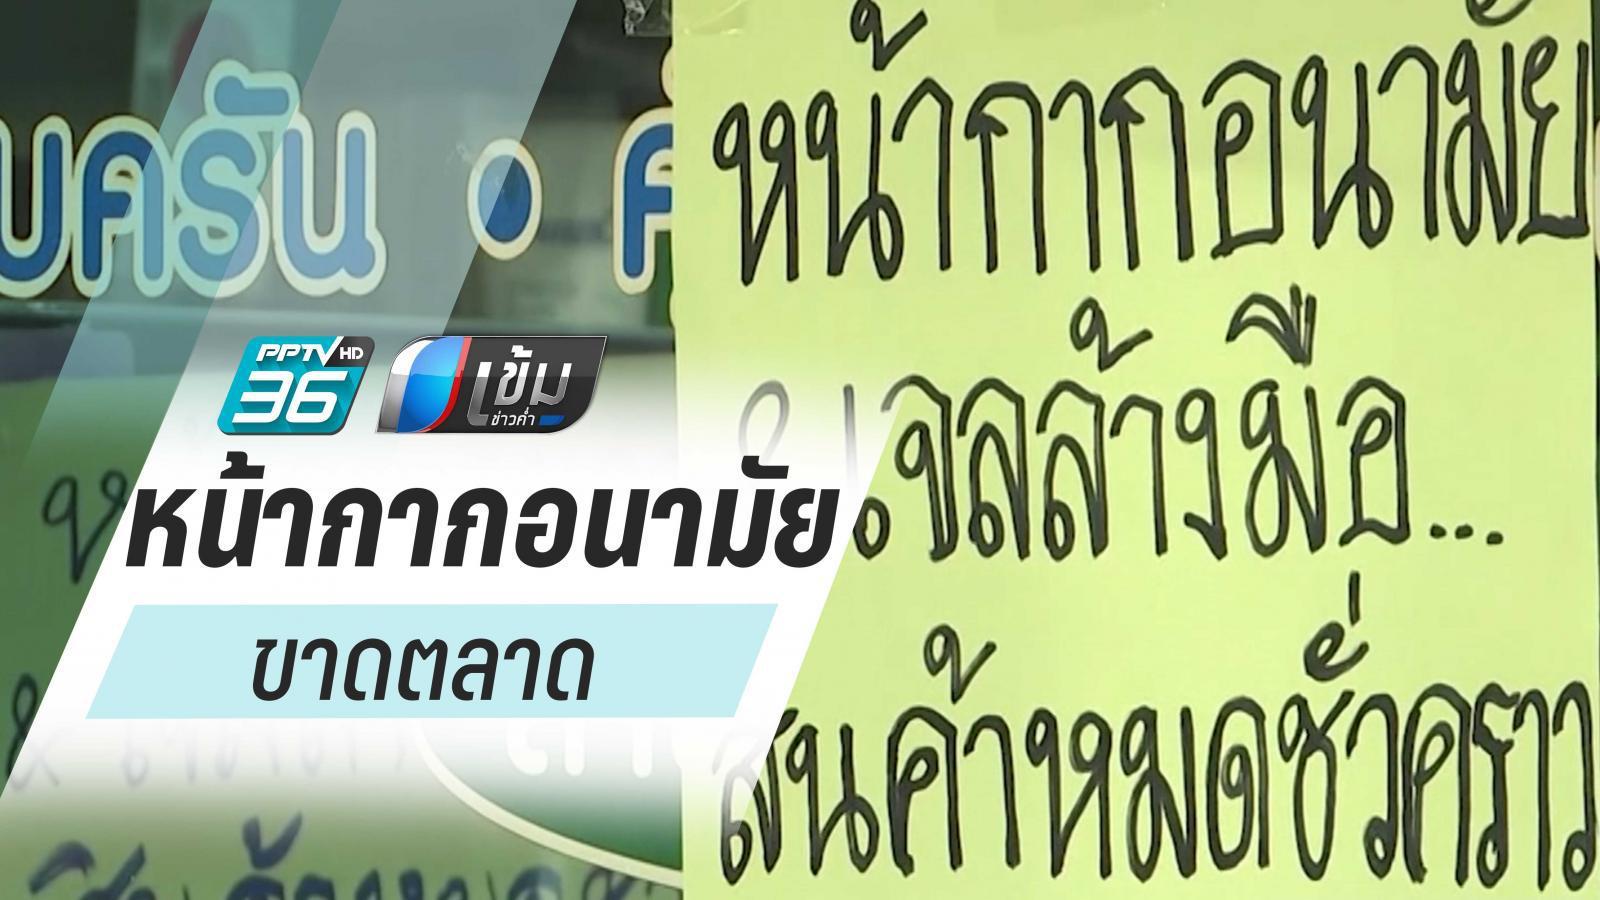 """ไวรัสโคโรนา : """"หน้ากากอนามัย"""" ขาดตลาด หลัง """"ไวรัสโคโรนา"""" แพร่เชื้อคนสู่คนรายแรกในไทย"""